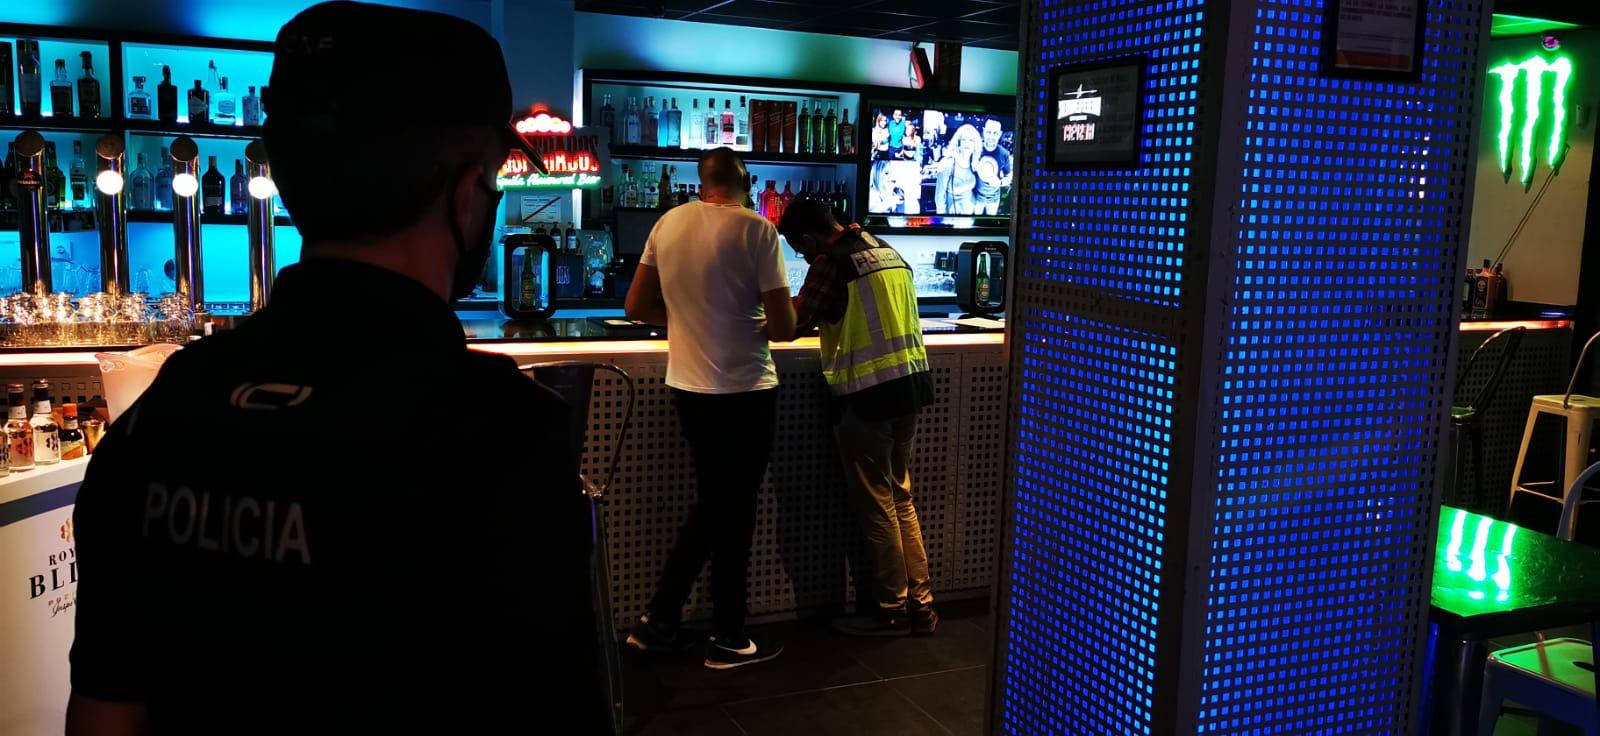 La Policía de la Generalitat inspecciona 190 locales de ocio y propone sancionar a 28 personas por no usar la mascarilla